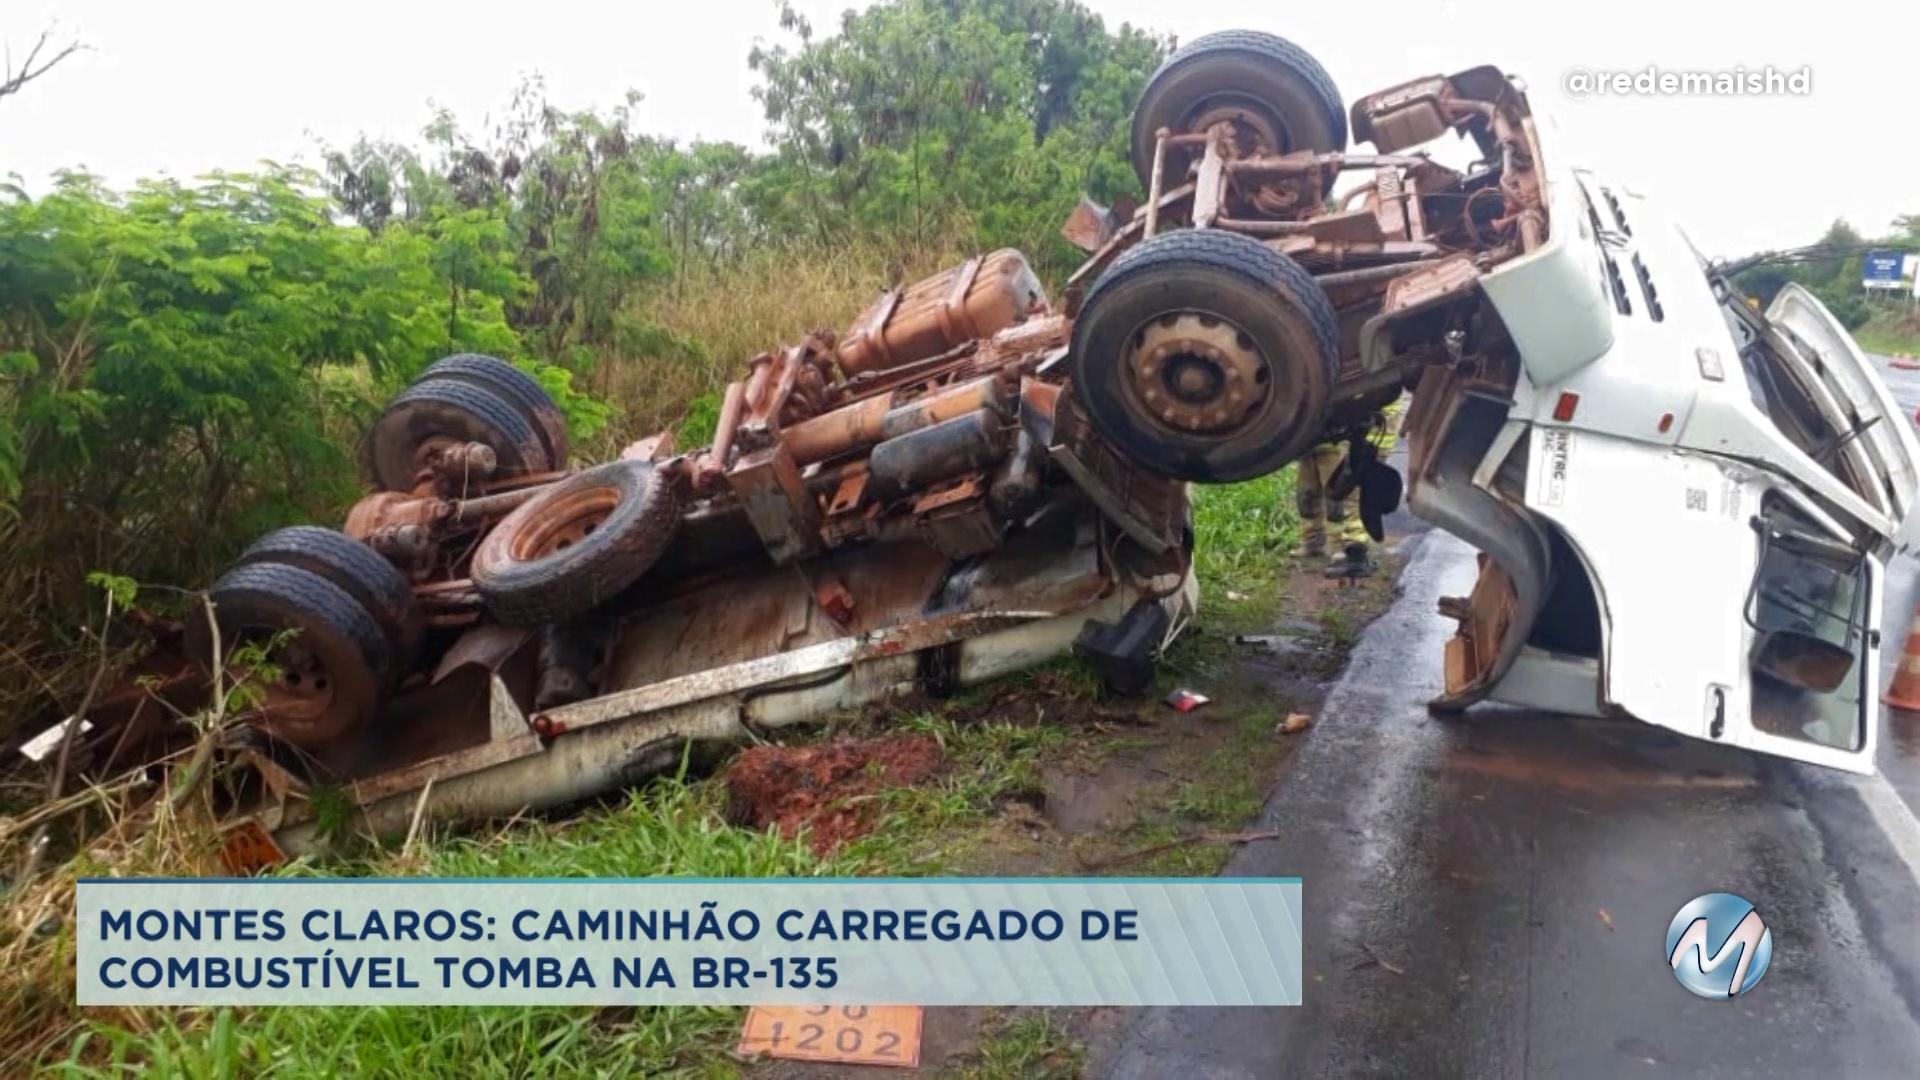 Montes Claros: caminhão carregado de combustível tomba na BR-135